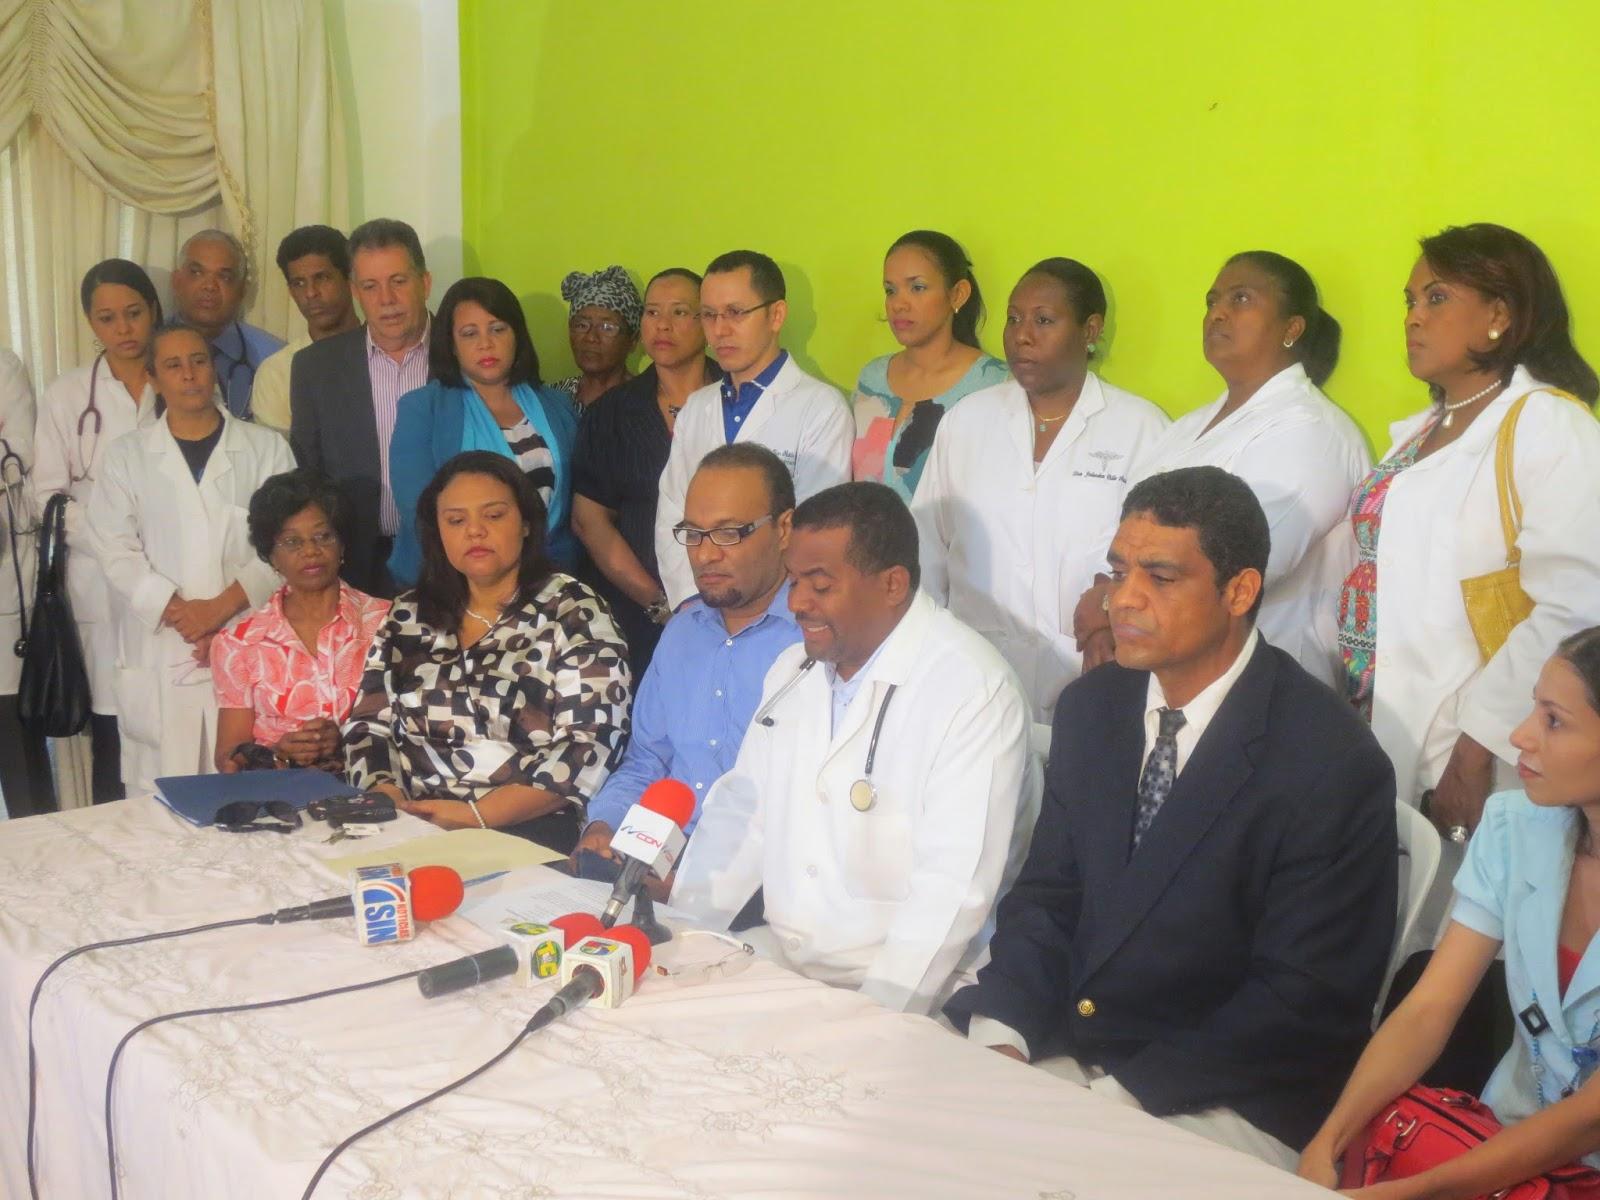 Medicos cotuisanos reconocen labor del ex Ministro Freddy Hidalgo